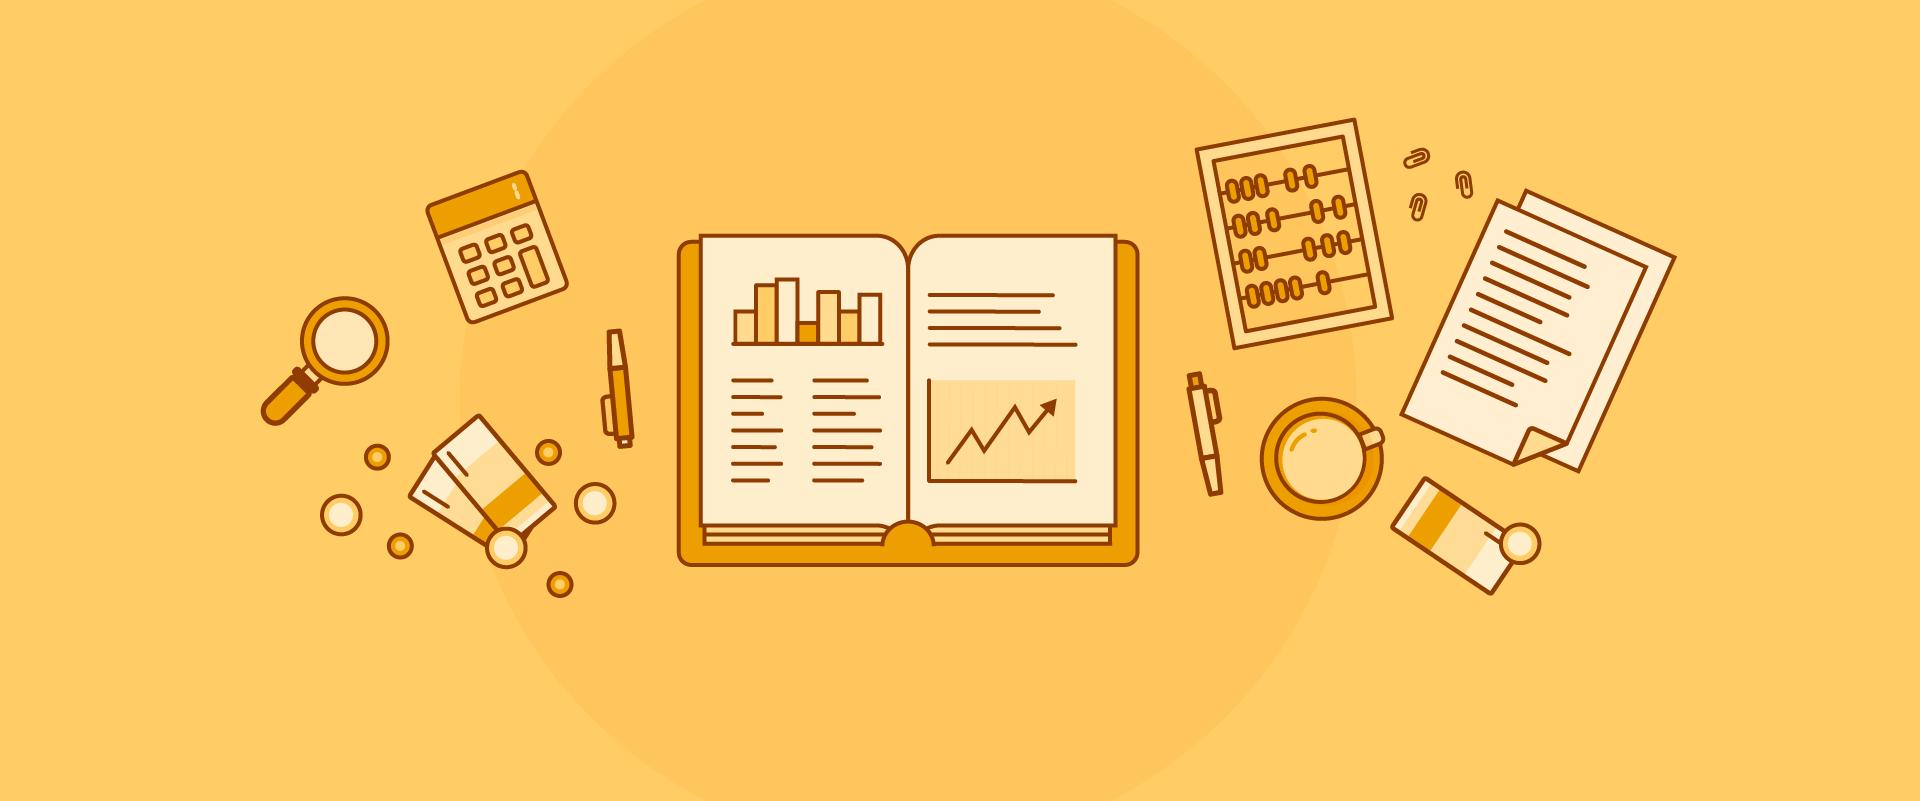 Slimmer boekhouden: 3 accounting-trends in 2018